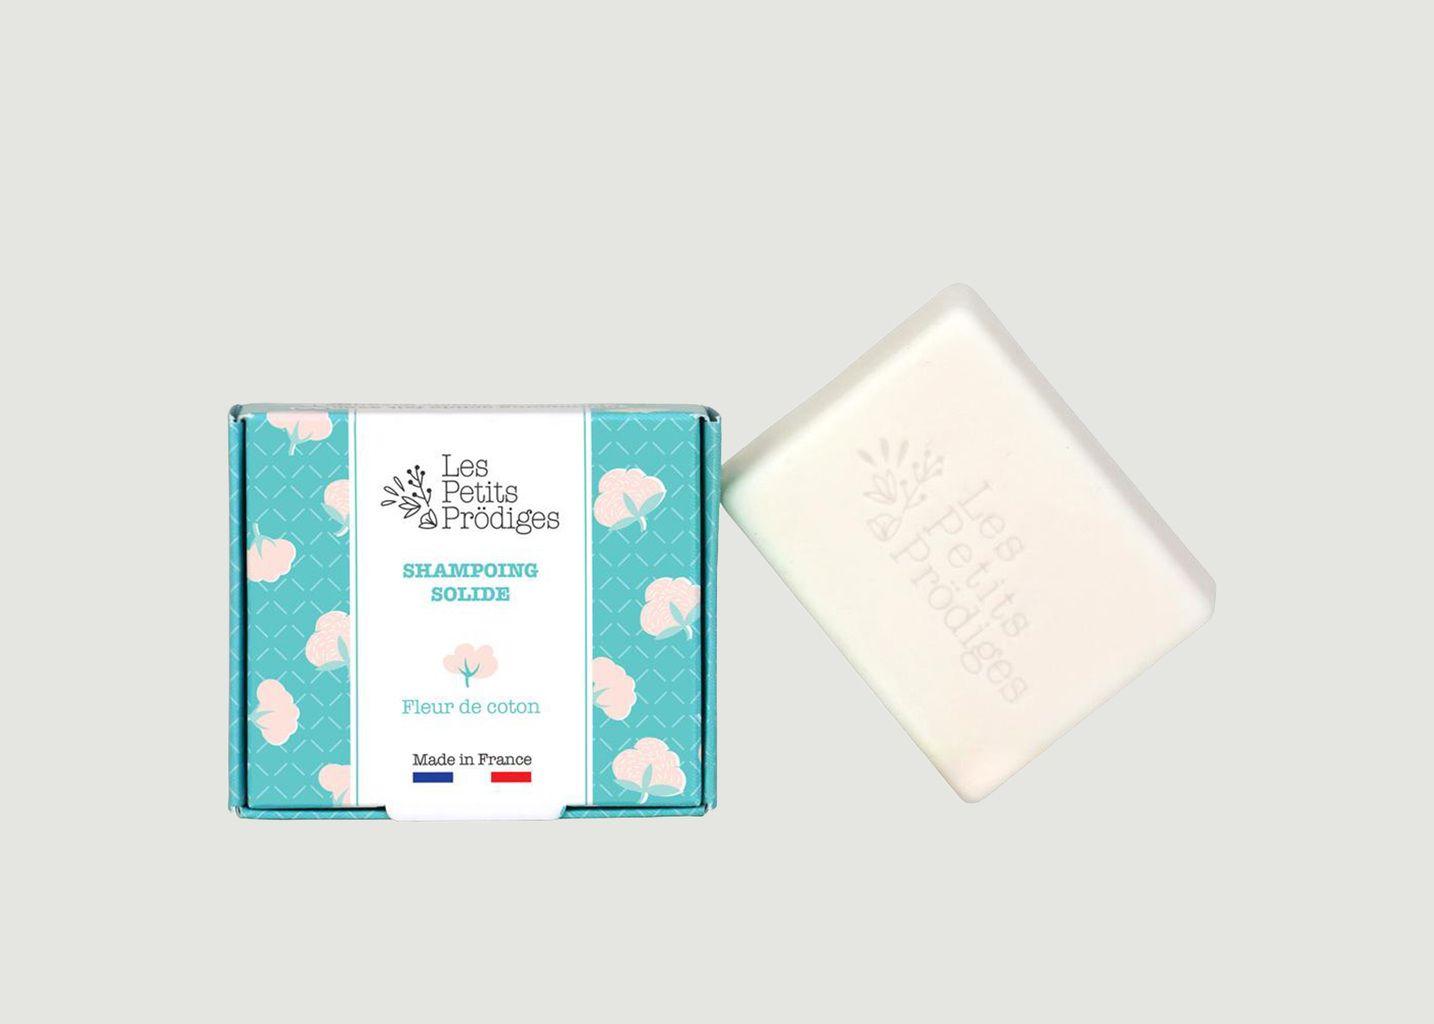 Shampoing Solide Fleur de coton - Les Petits Prödiges